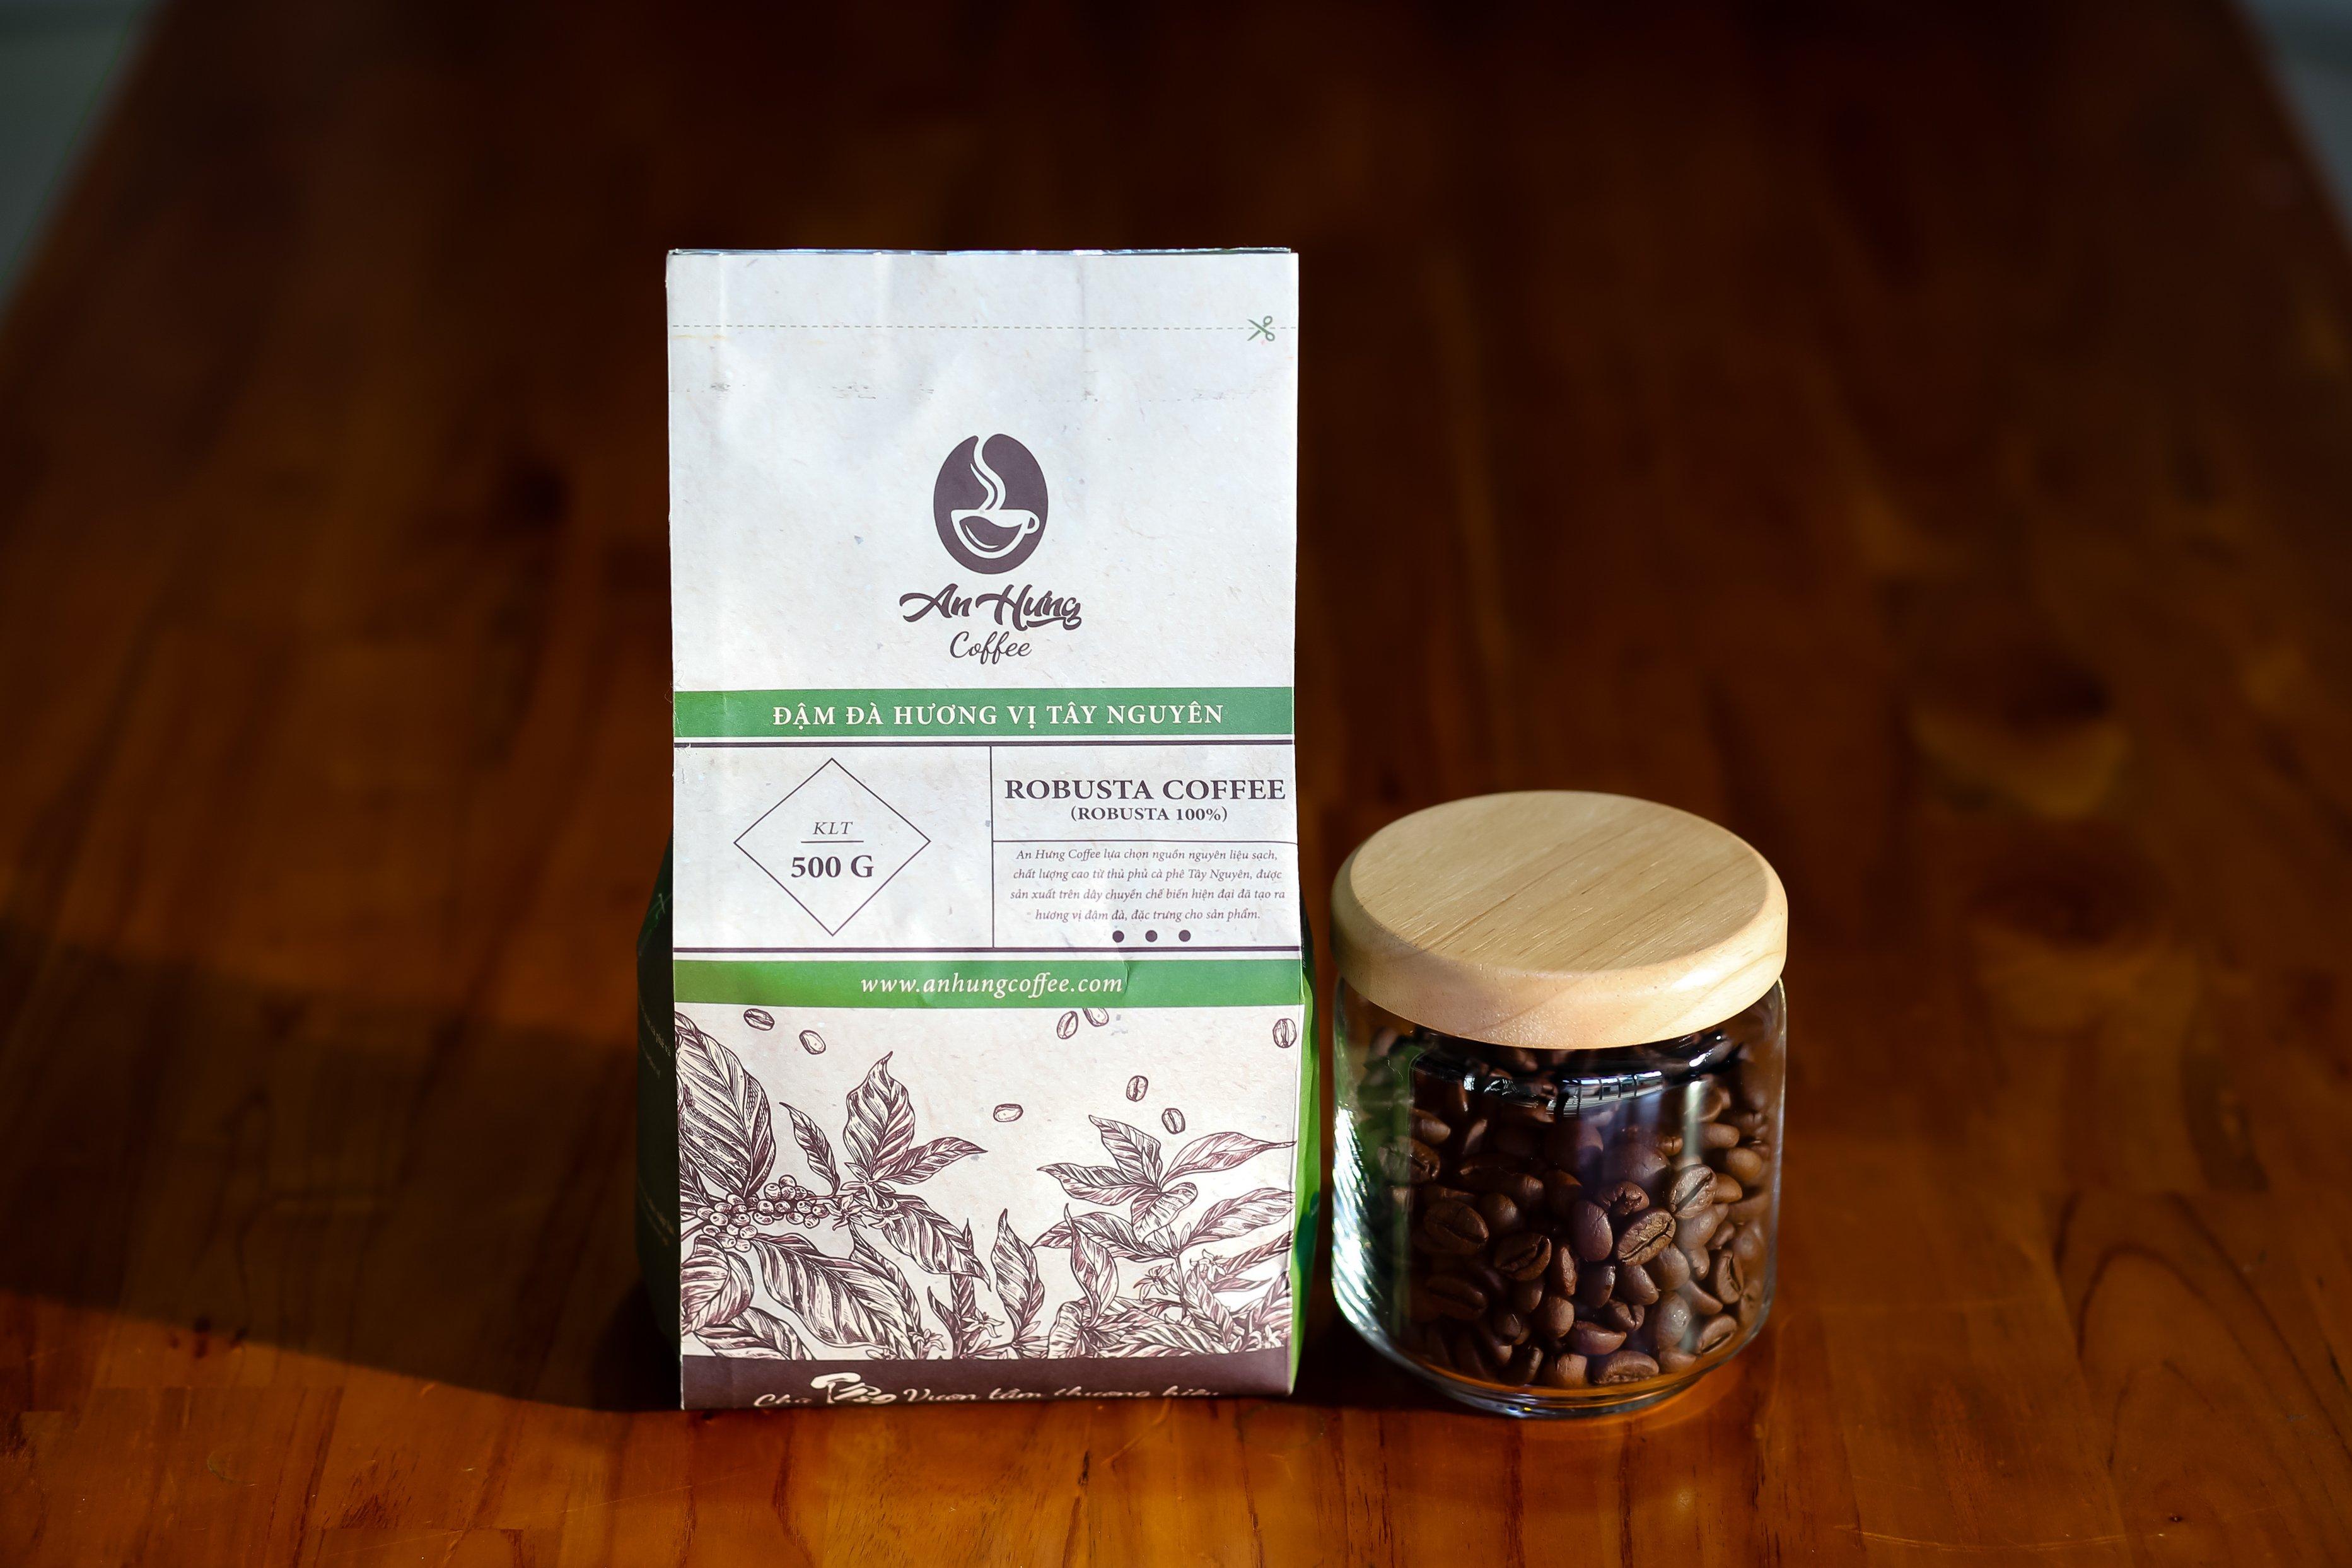 cà phê robusta hương vị đạm đà